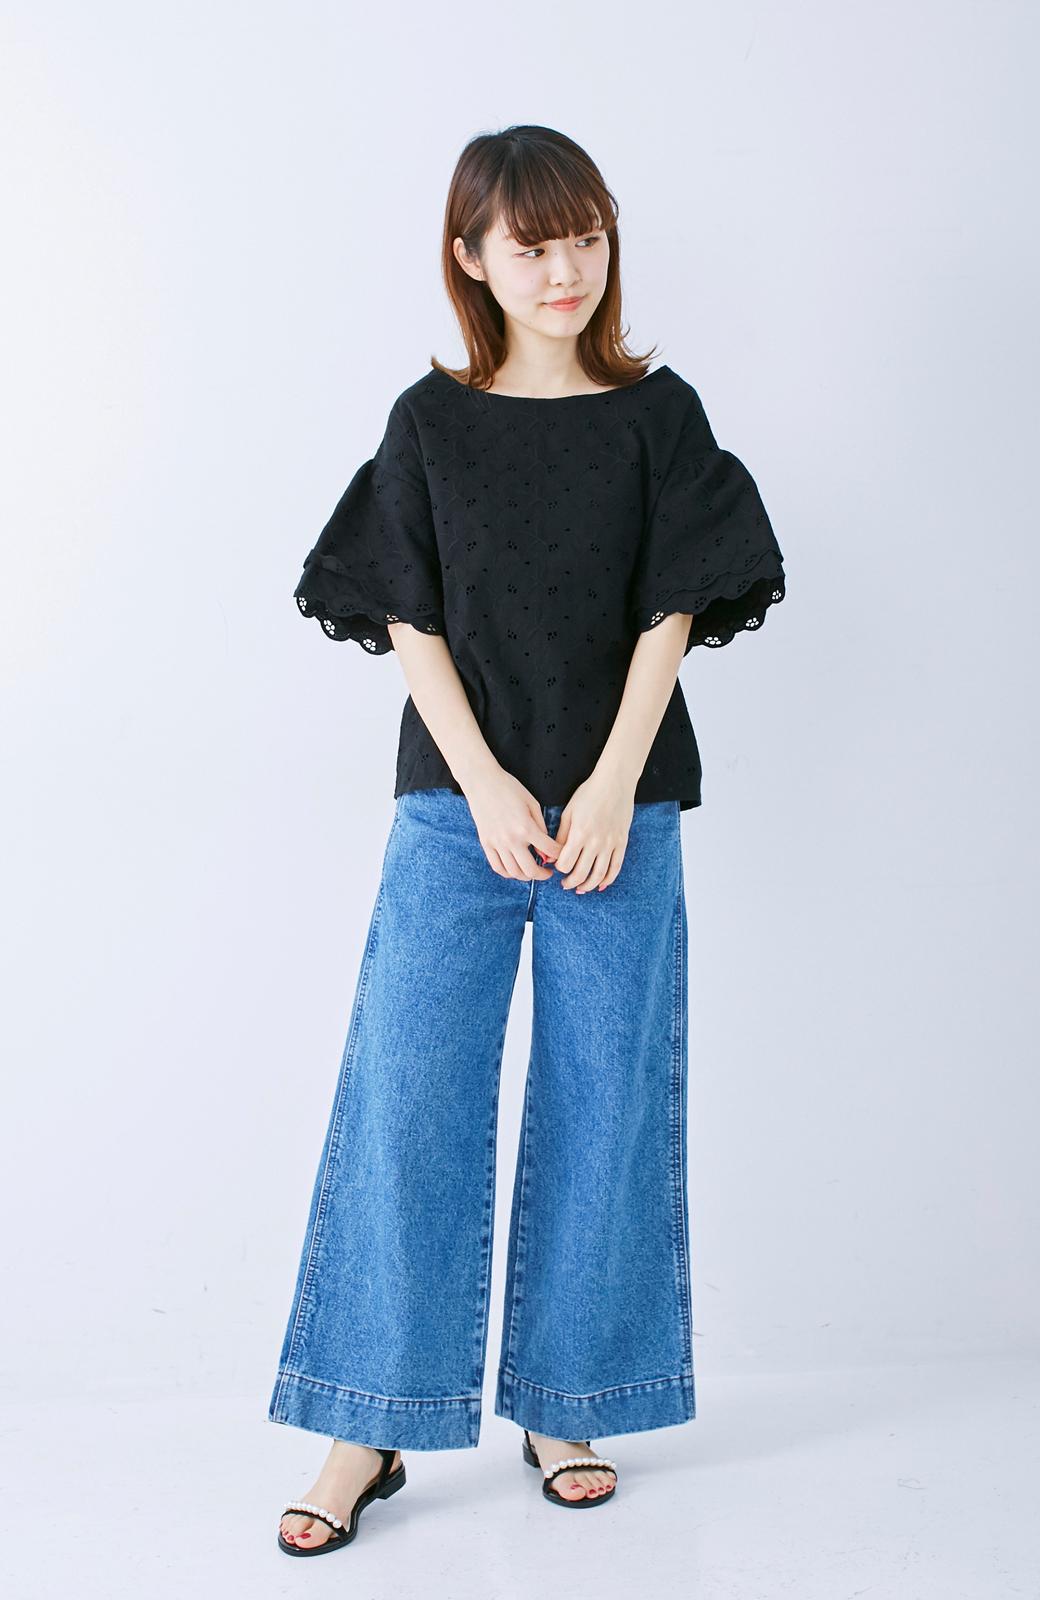 エムトロワ Tシャツ感覚で着られる フラワーレースのティアードスリーブトップス <ブラック>の商品写真5